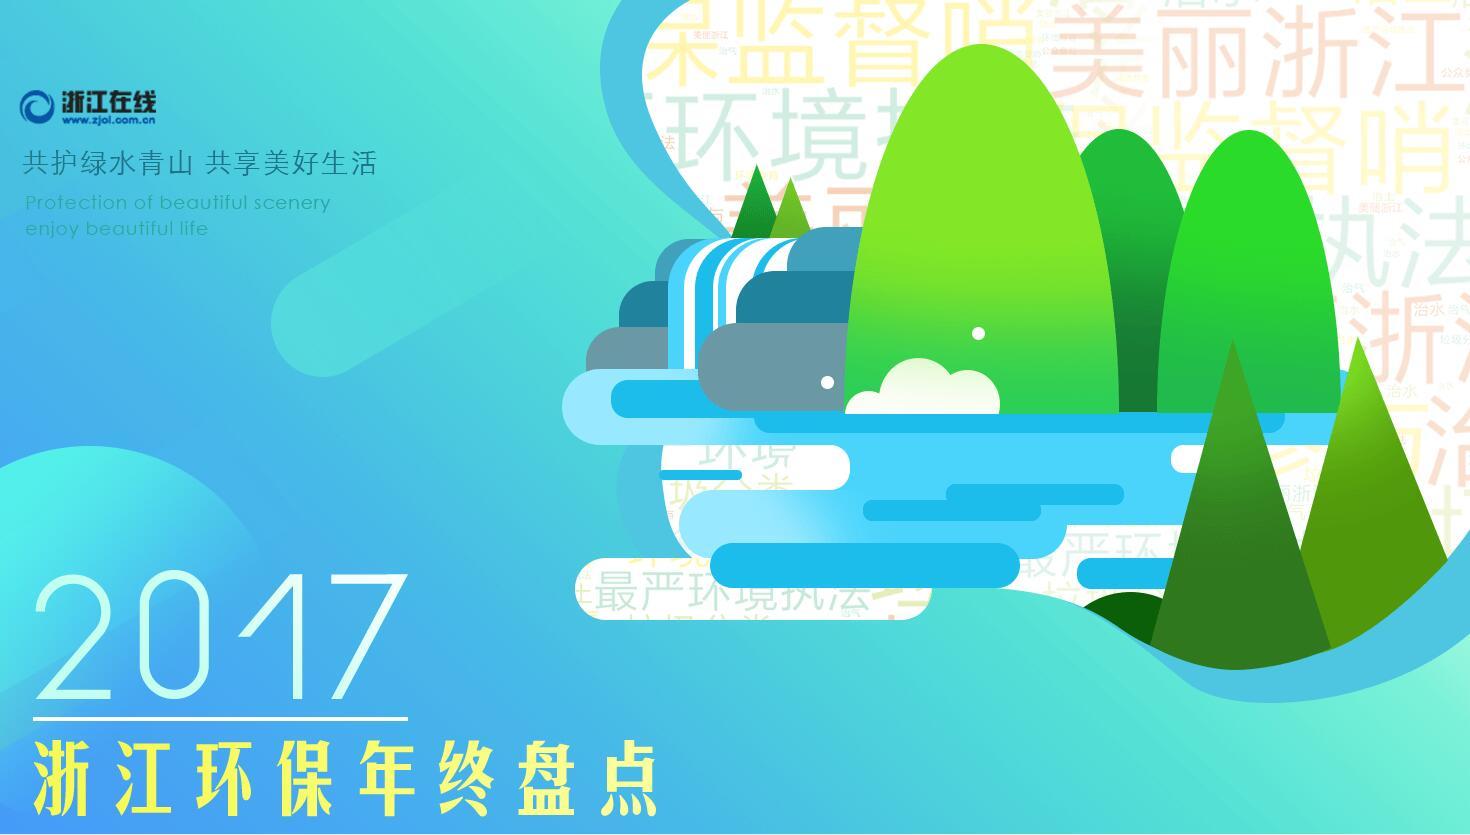 """2017浙江环保年终盘点""""共护绿水青山 共享美好生活"""""""